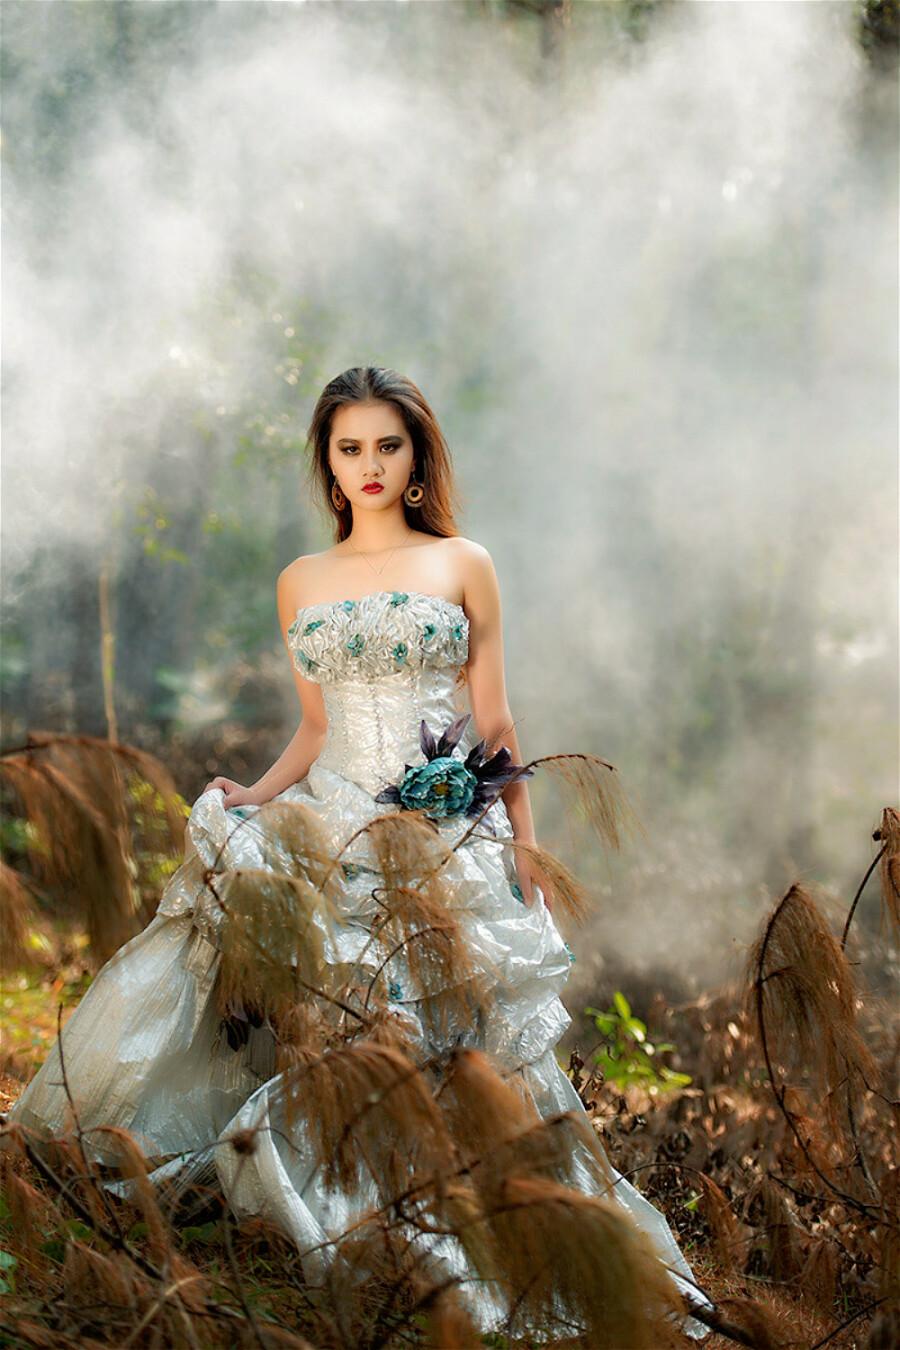 浪漫婚纱 森林天使 - 春晖 - 春晖的博客